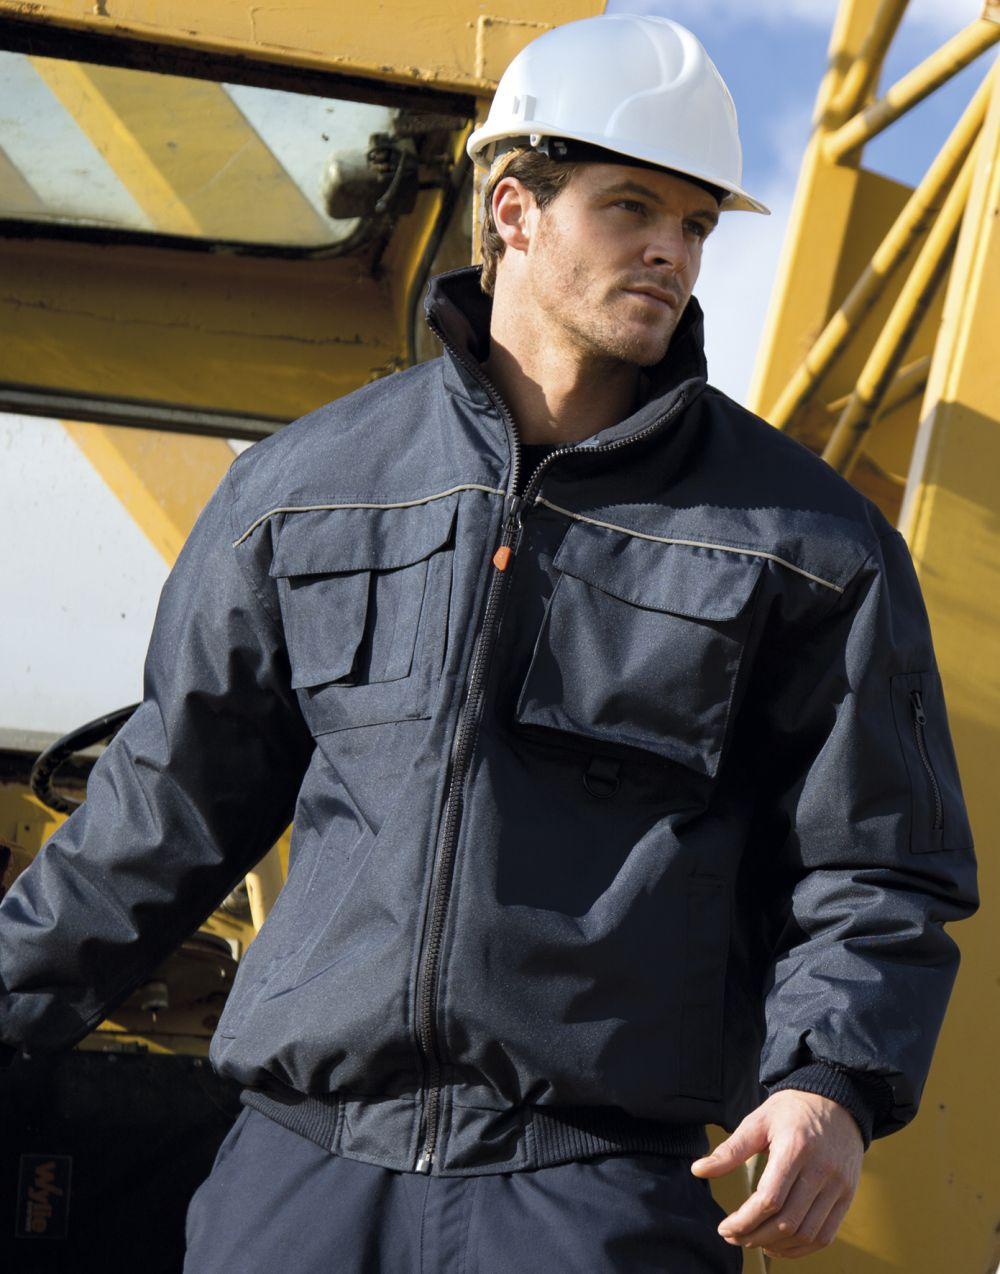 Chaquetas y cazadoras de trabajo result chaqueta hombre work guard sabre pilot jacket vista 2